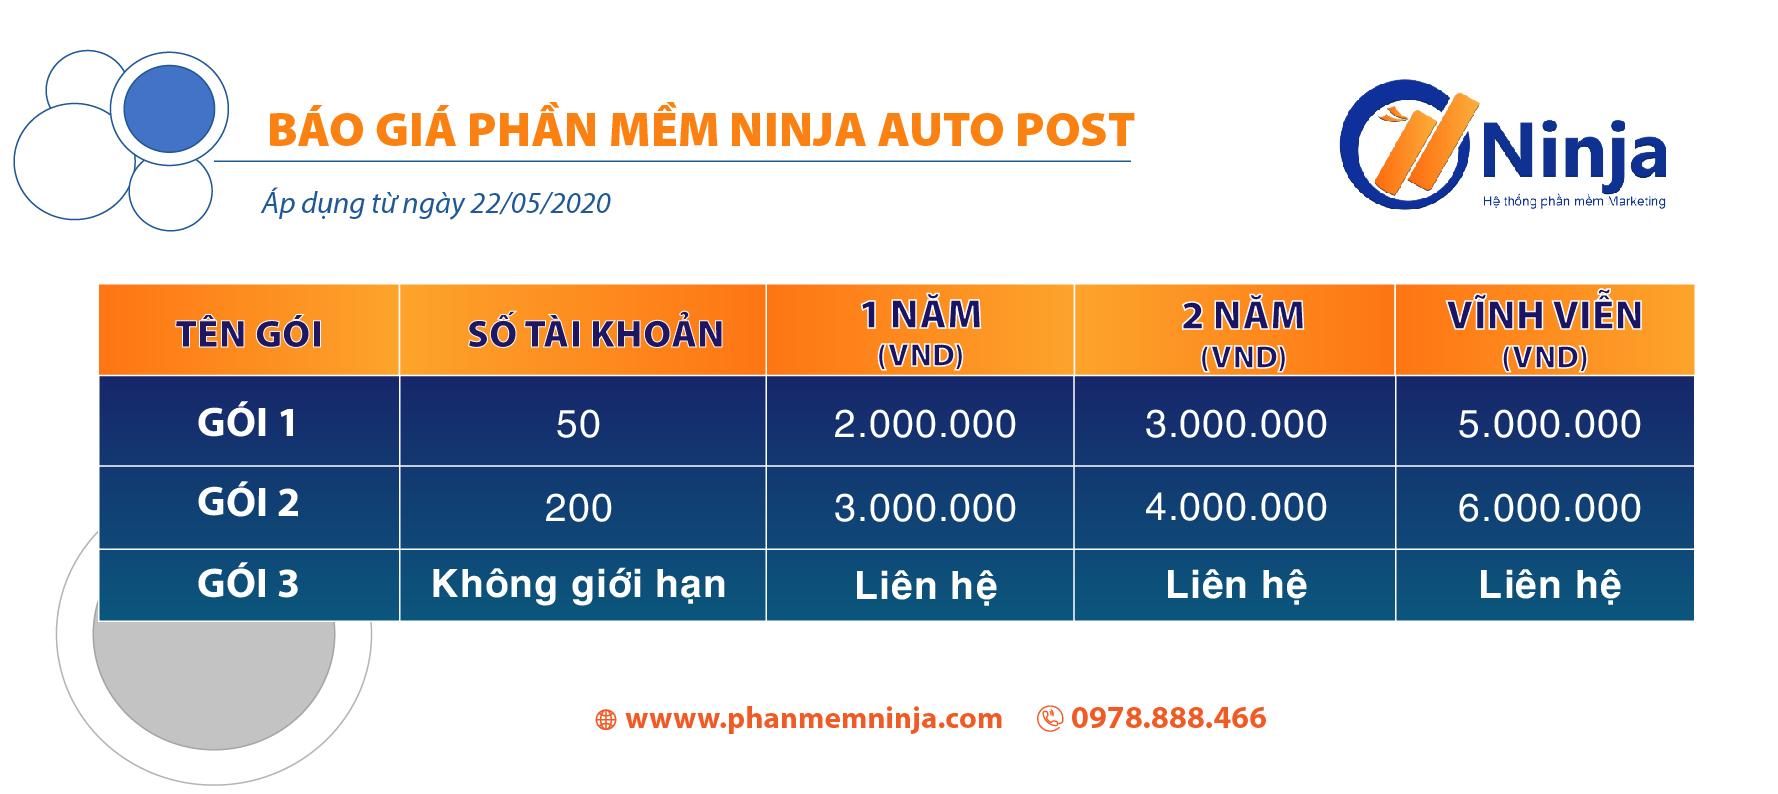 báo giá autopost Ninja Auto Post   Phần mềm quảng cáo bán hàng Facebook